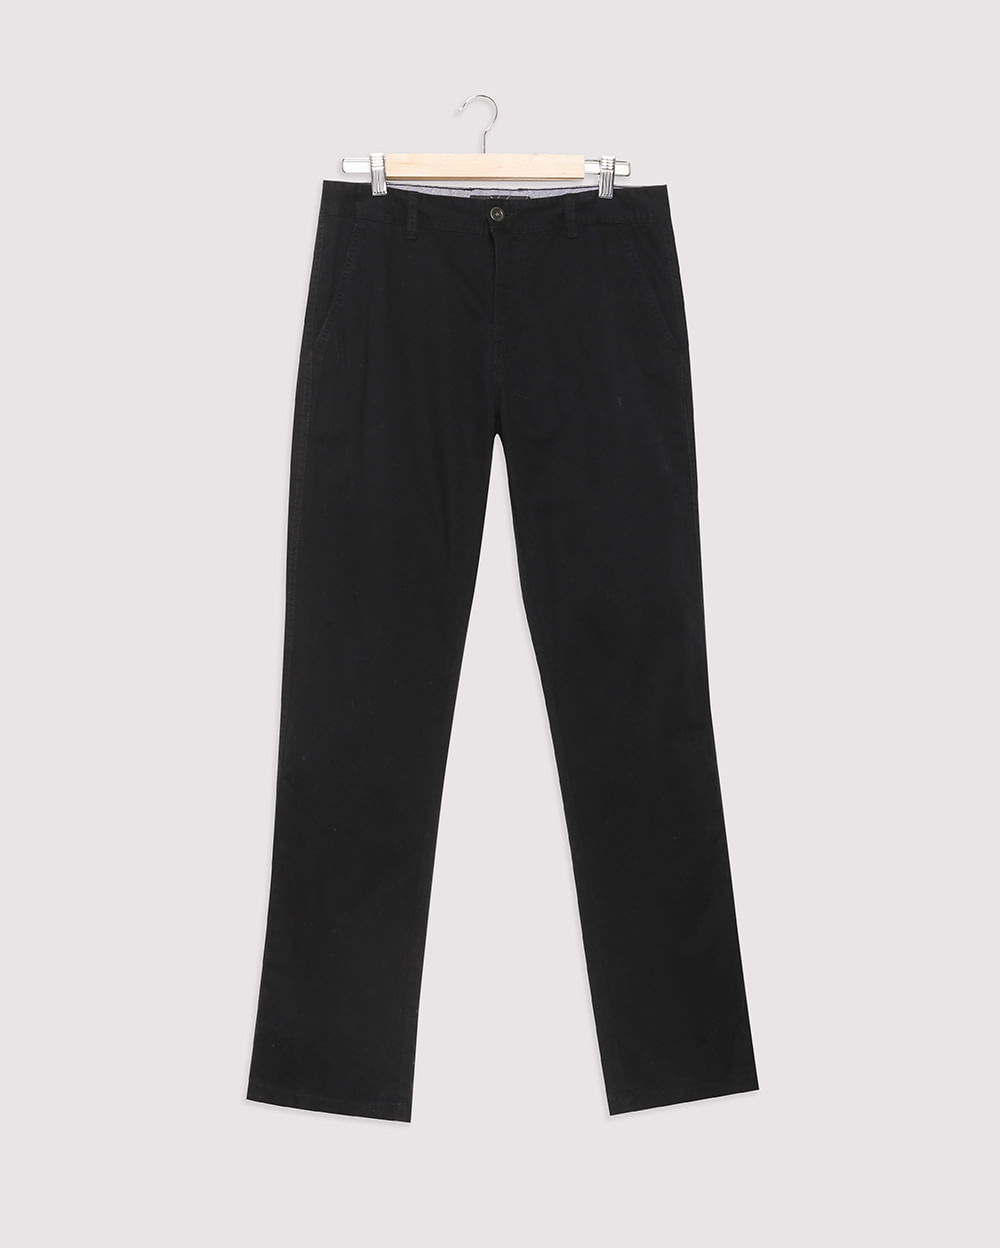 Pantalon Manu Drill Hombre Negro Talla 38 Topitop Hombre Topitop